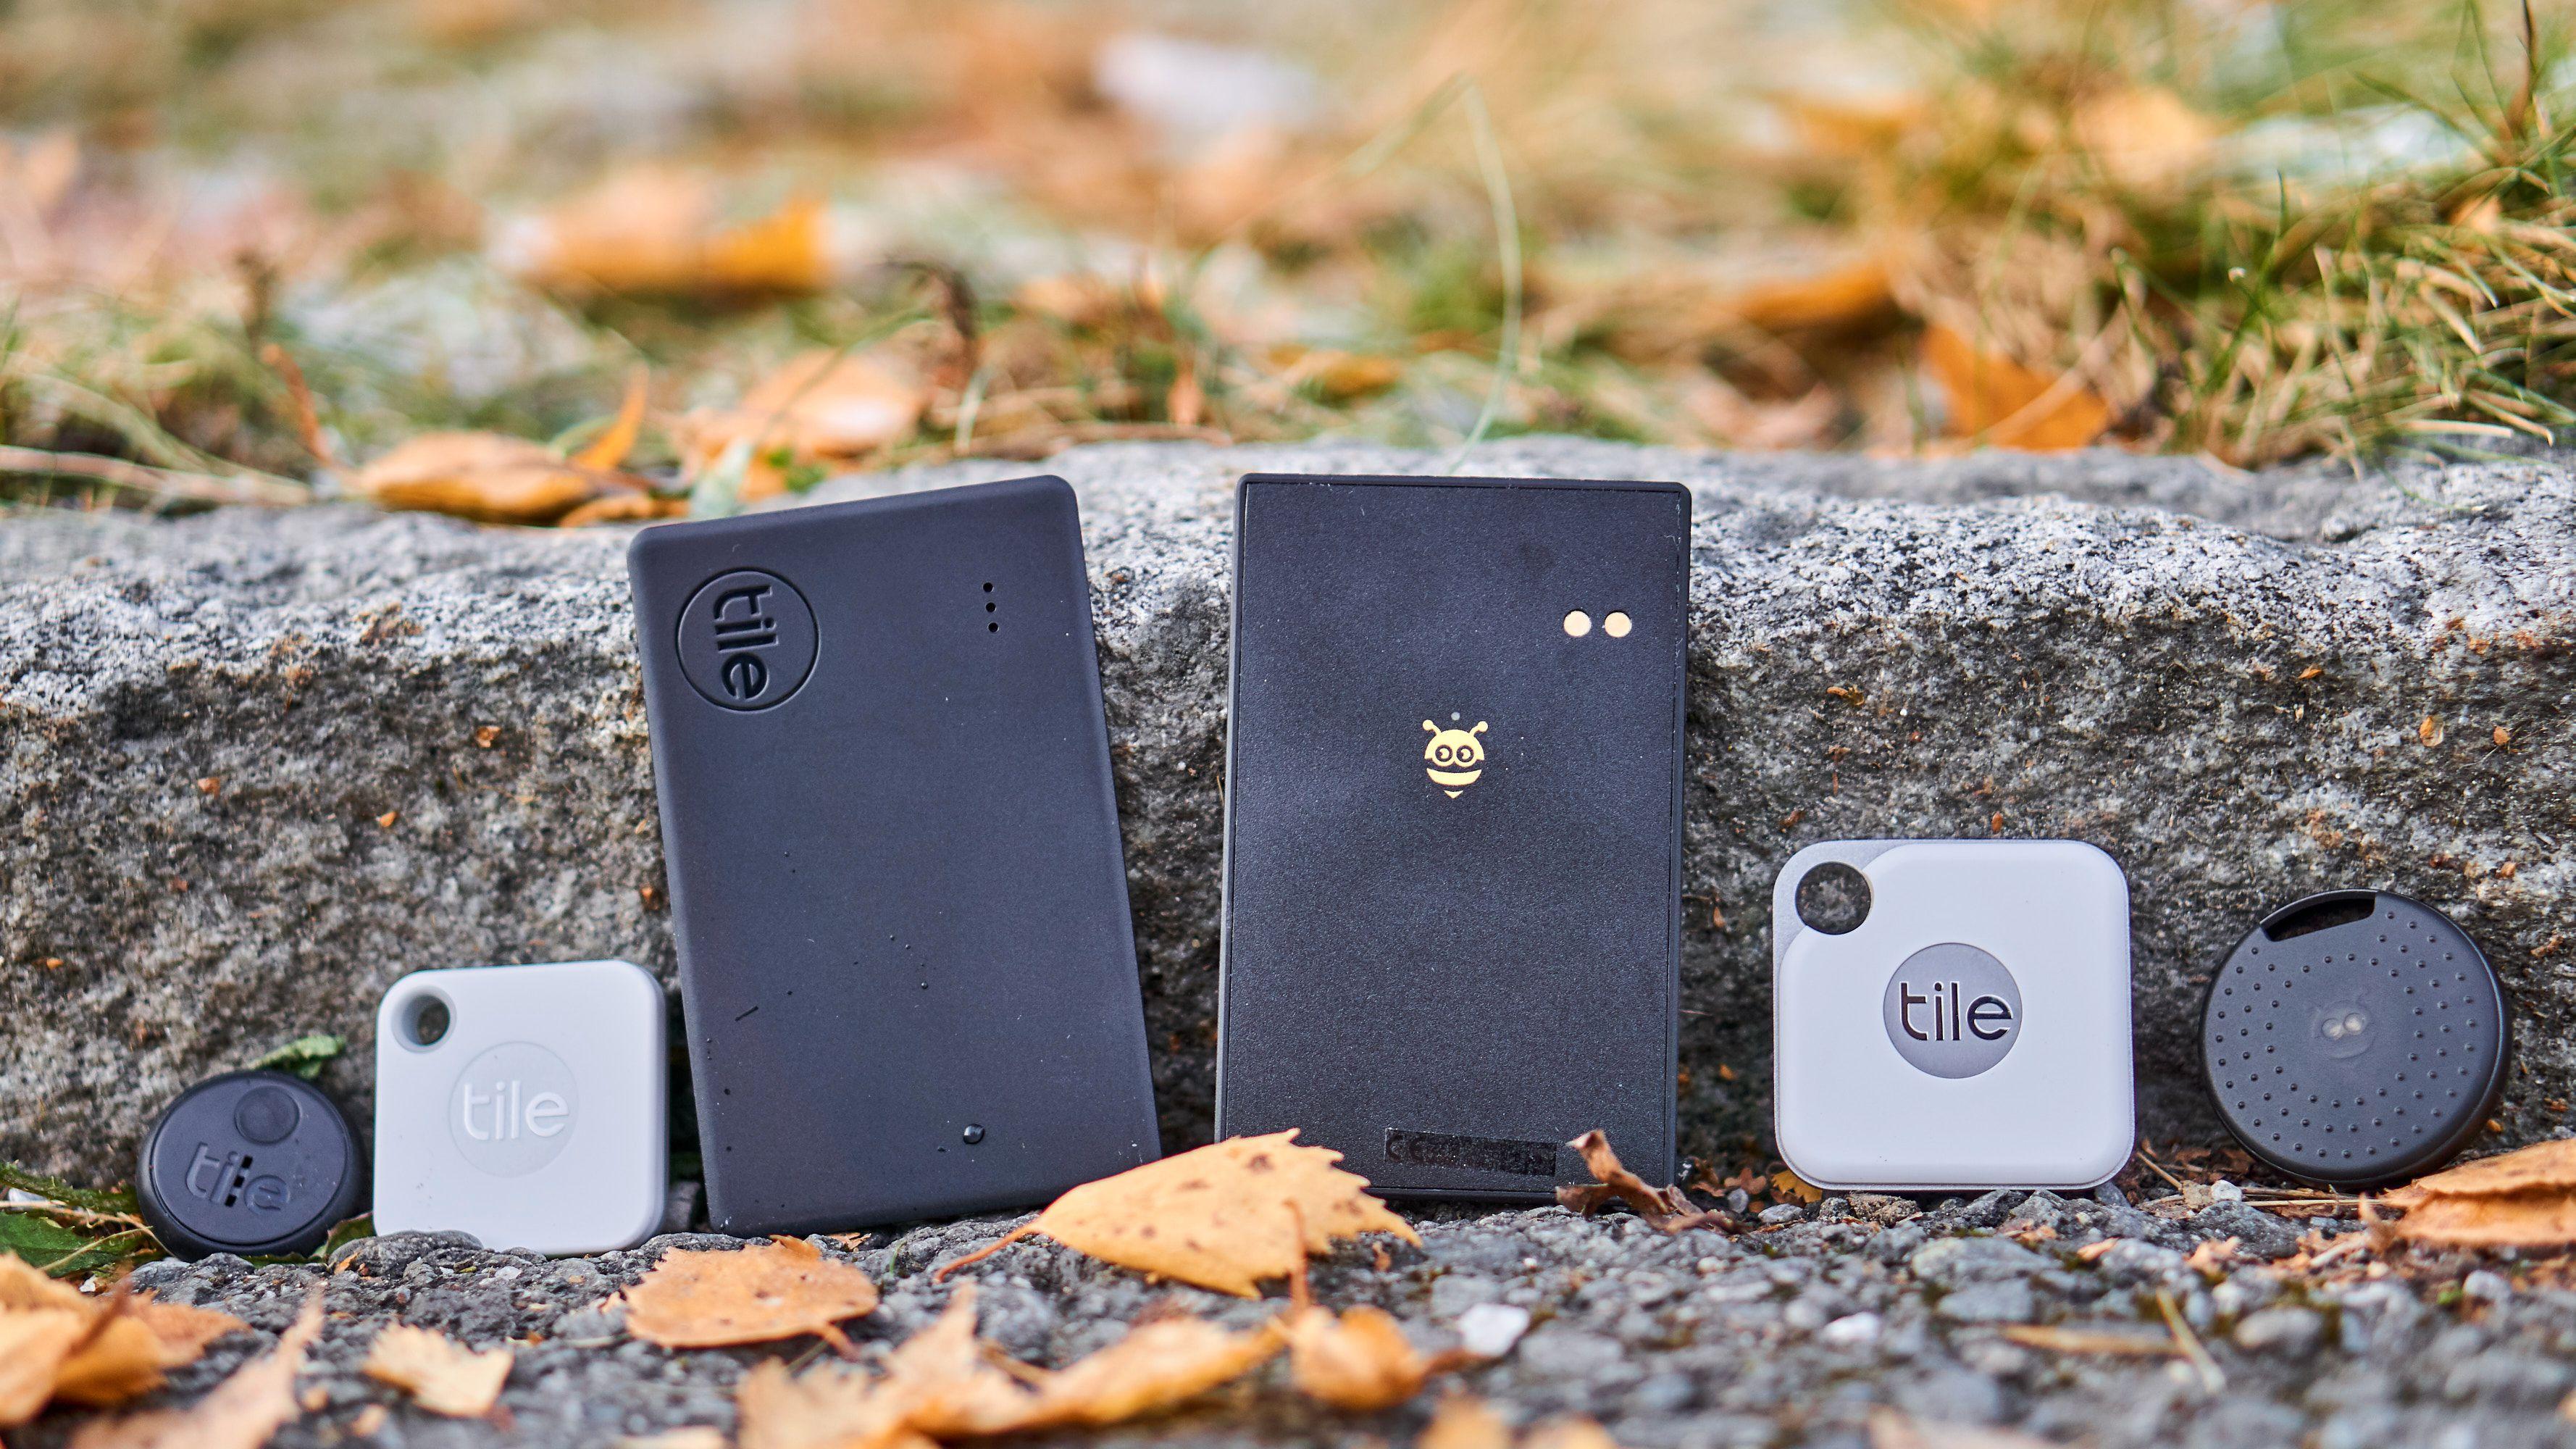 Seks nye sporingsbrikker. Fra venstre: Tile Sticker, Tile Mate, Tile Slim, Pebblebee BlackCard, Tile Pro og Pebblebee Finder 2.0.